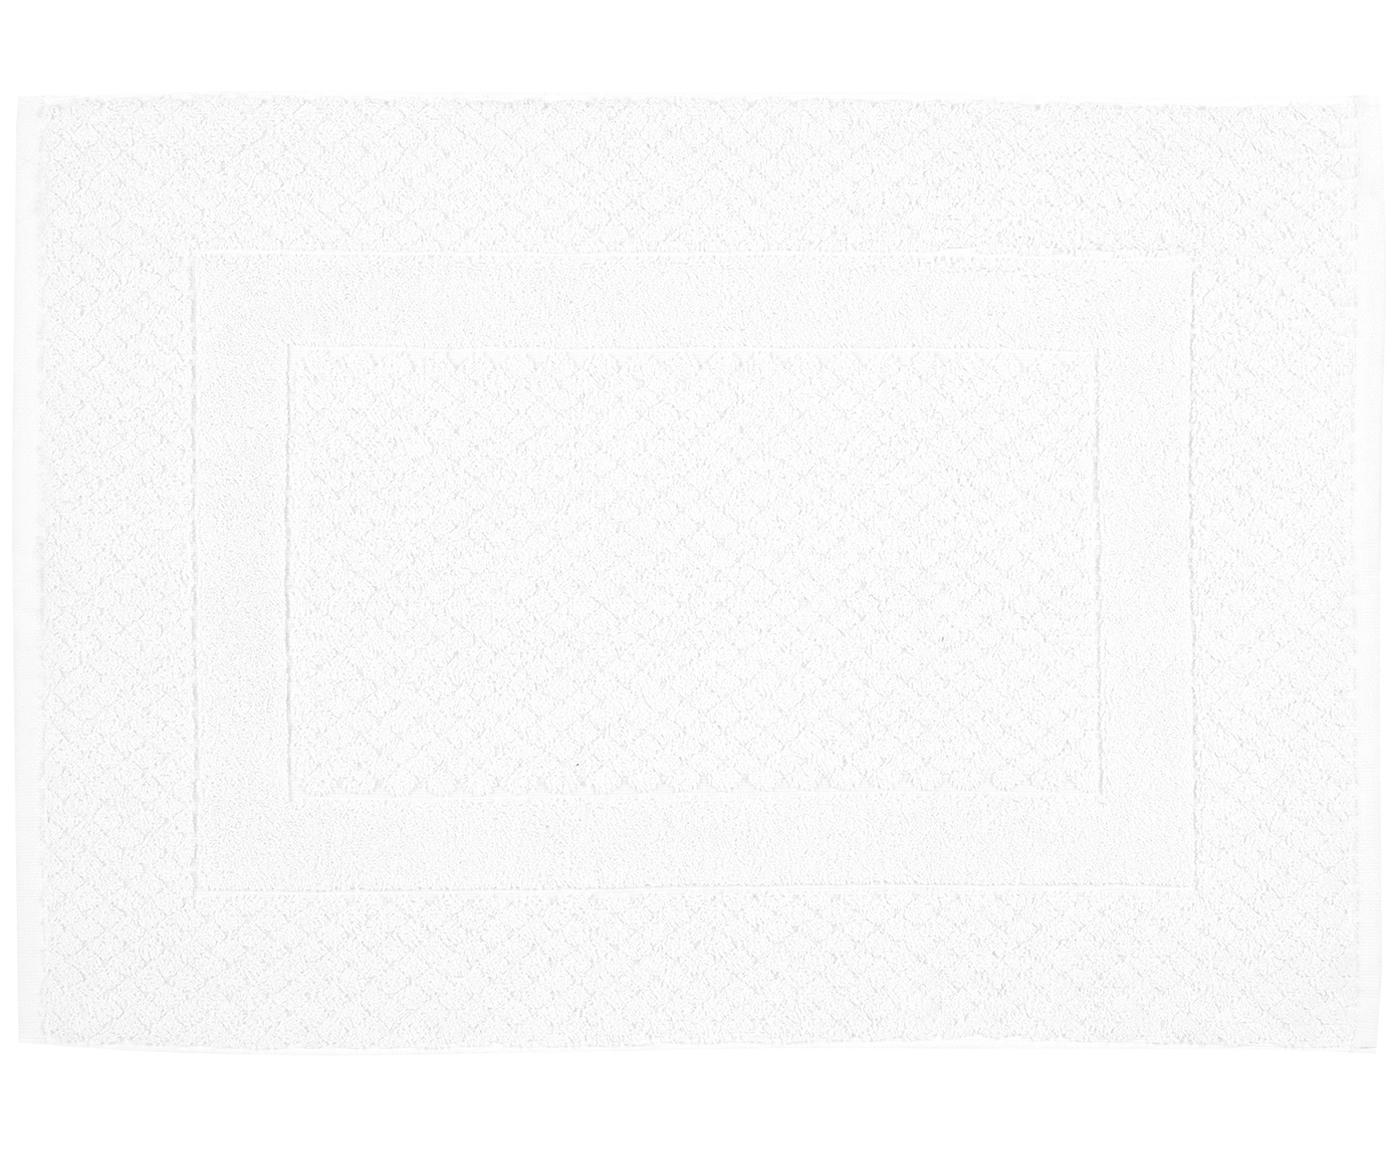 Alfombrilla de baño Katharina, 100%algodón, gramaje superior, 900g/m², Blanco, An 50 x L 70 cm